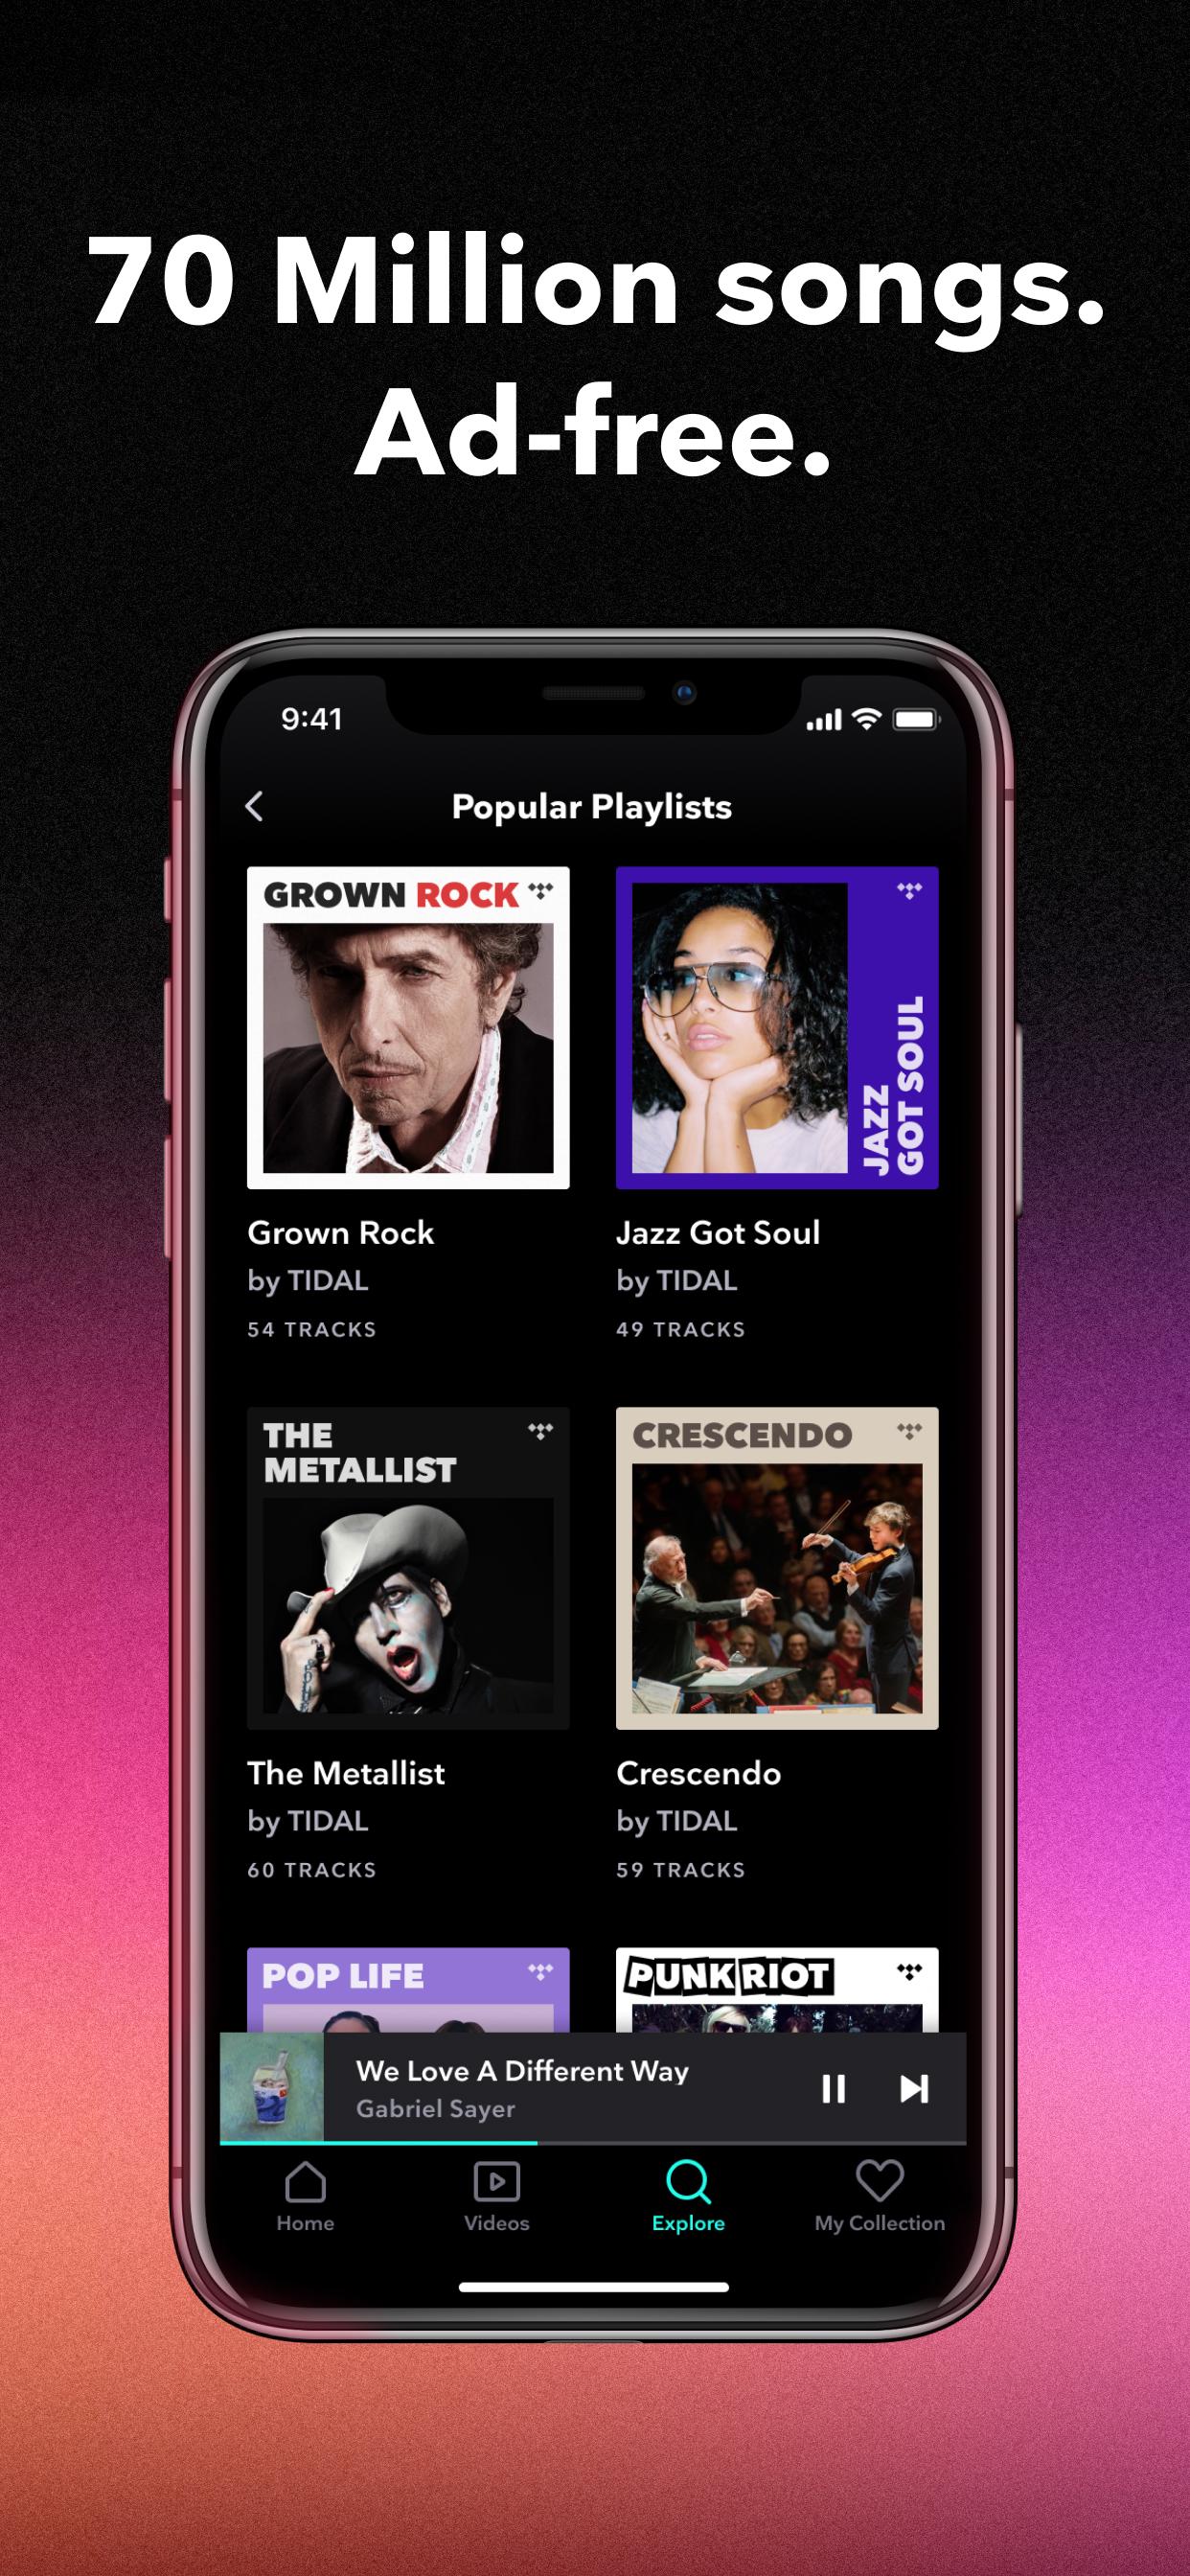 App Store screenshot 2